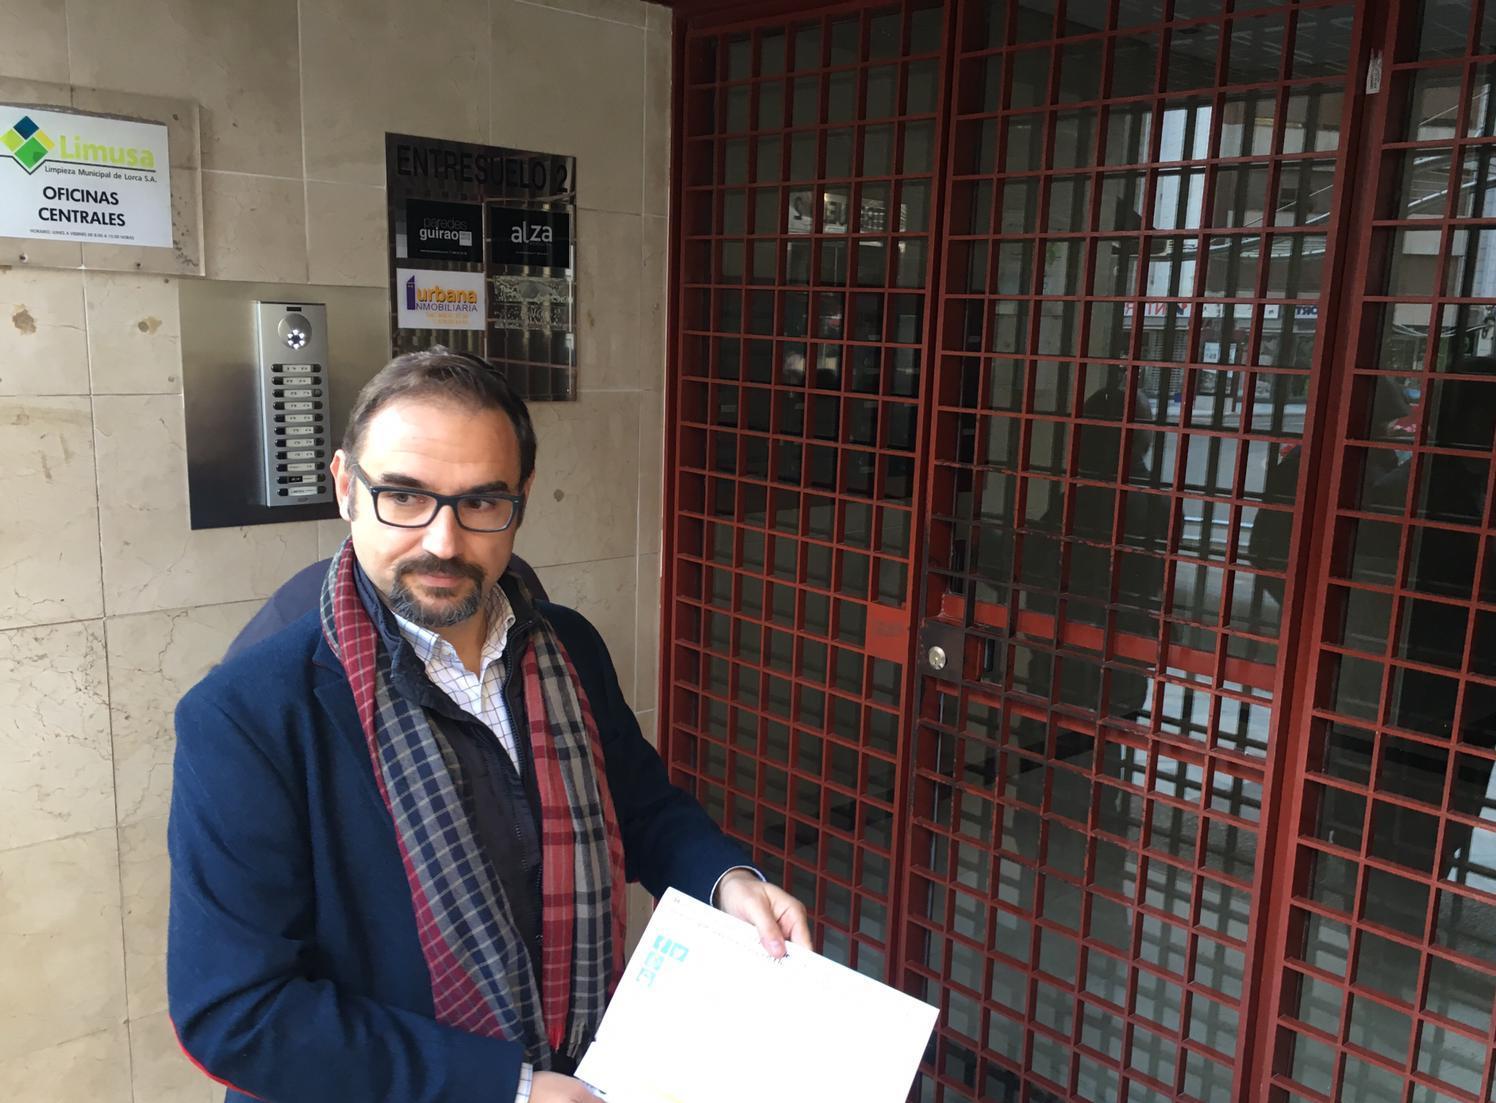 """Mateos se persona en las oficinas de Limusa en busca de explicaciones y comprueba que """"no hay ni rastro de los exámenes, ni de las preguntas ni de las entrevistas de todos los participantes"""""""